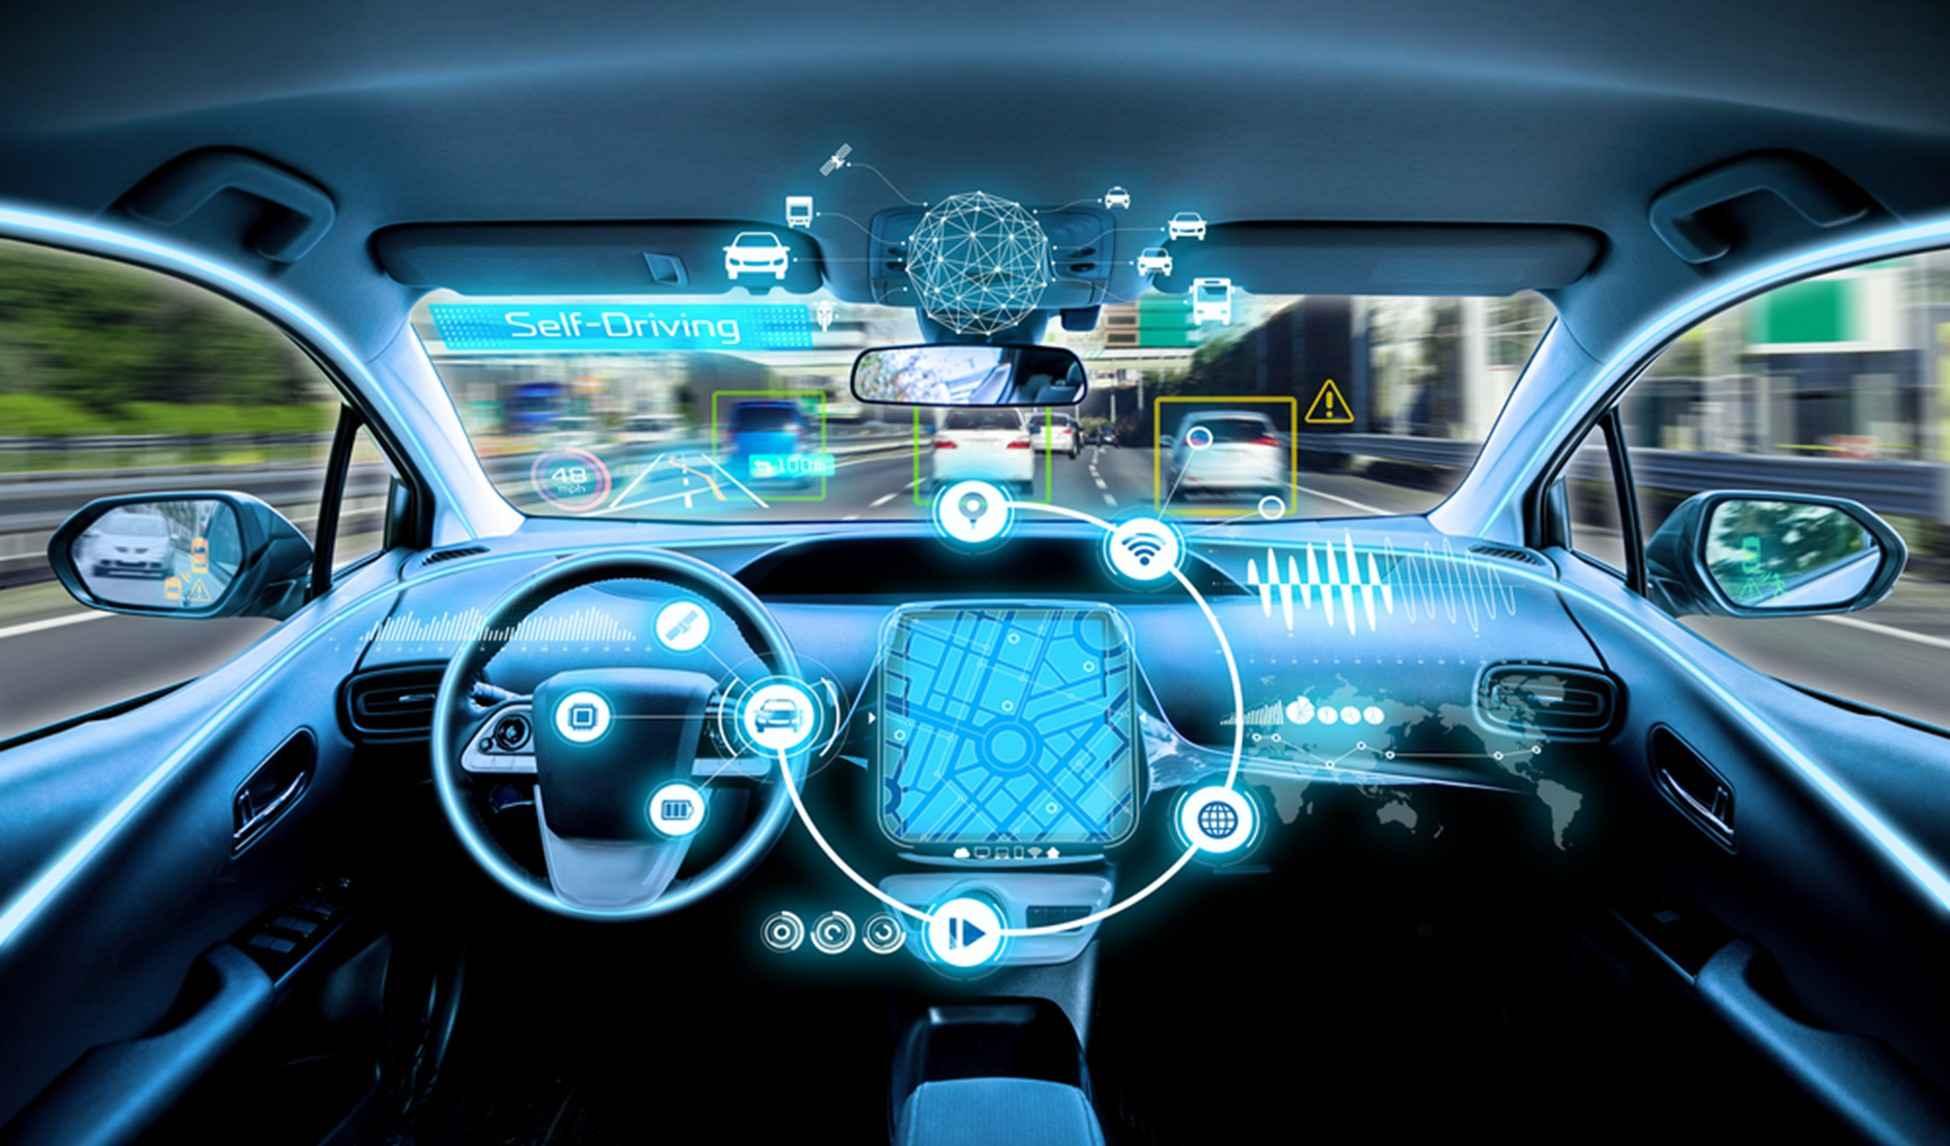 Digital Car Cockpit : 3 principales tendances d'infodivertissement à surveiller